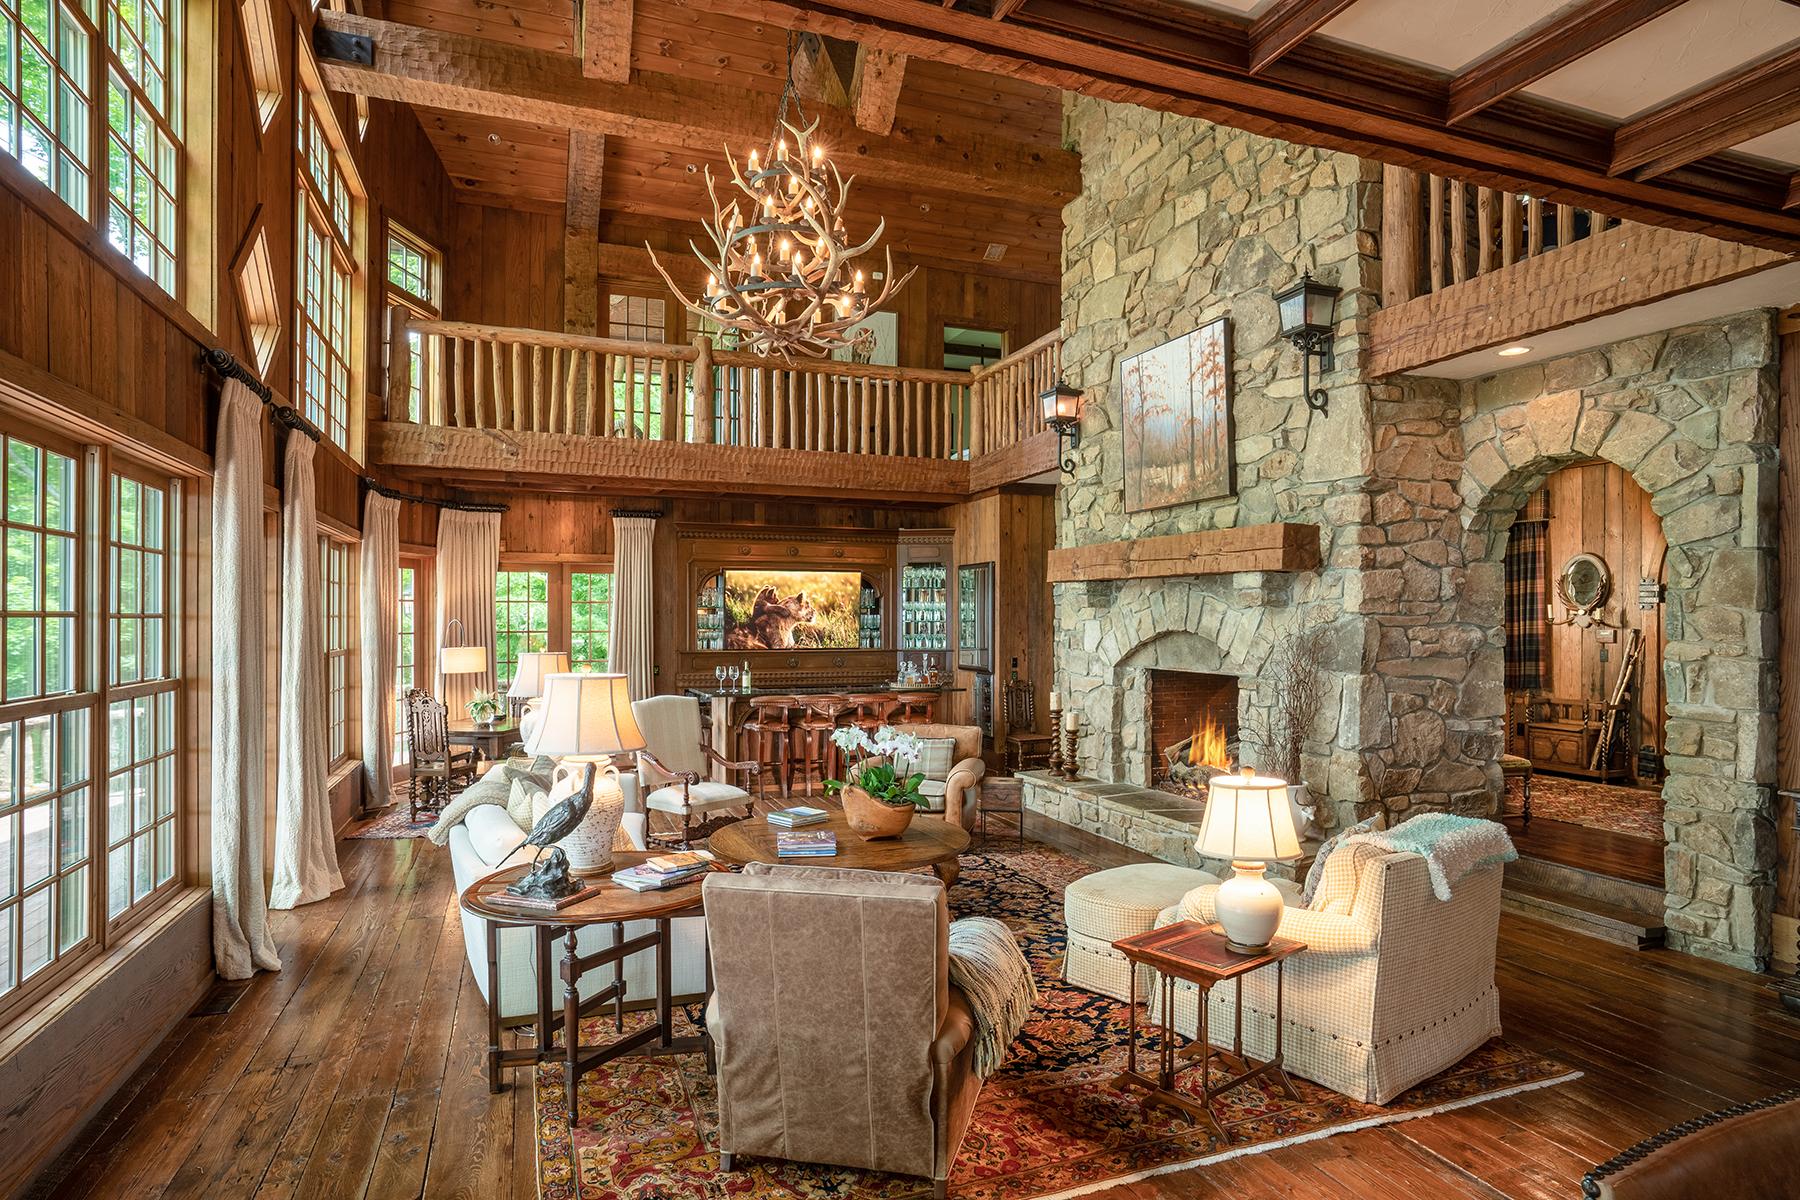 Single Family Homes for Sale at DIAMOND CREEK - BANNER ELK 1820 Rockrose Banner Elk, North Carolina 28604 United States